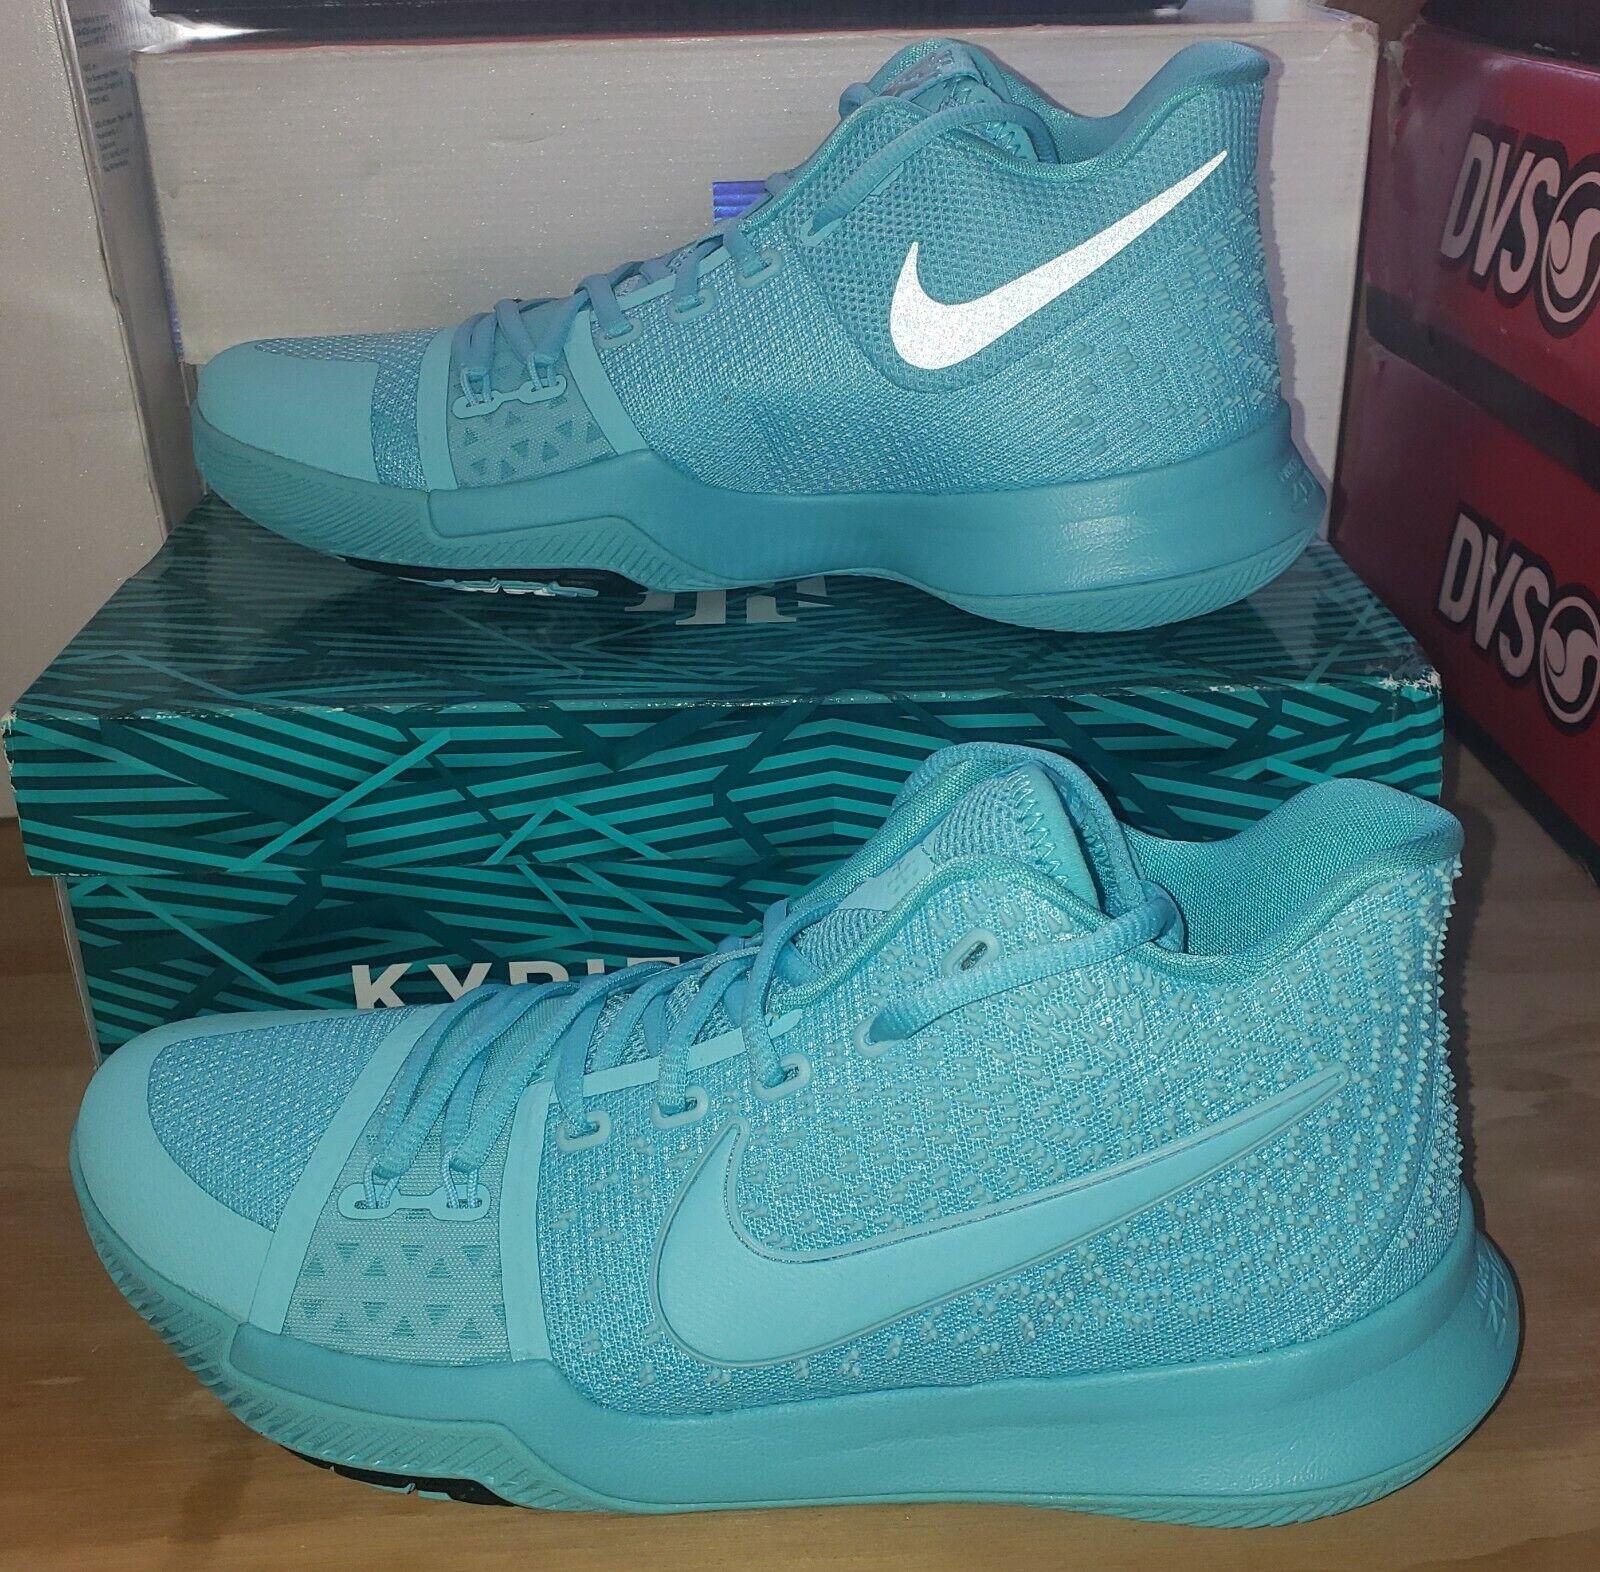 Nike Kyrie 3 Aqua 852395 401 Aqua Blue